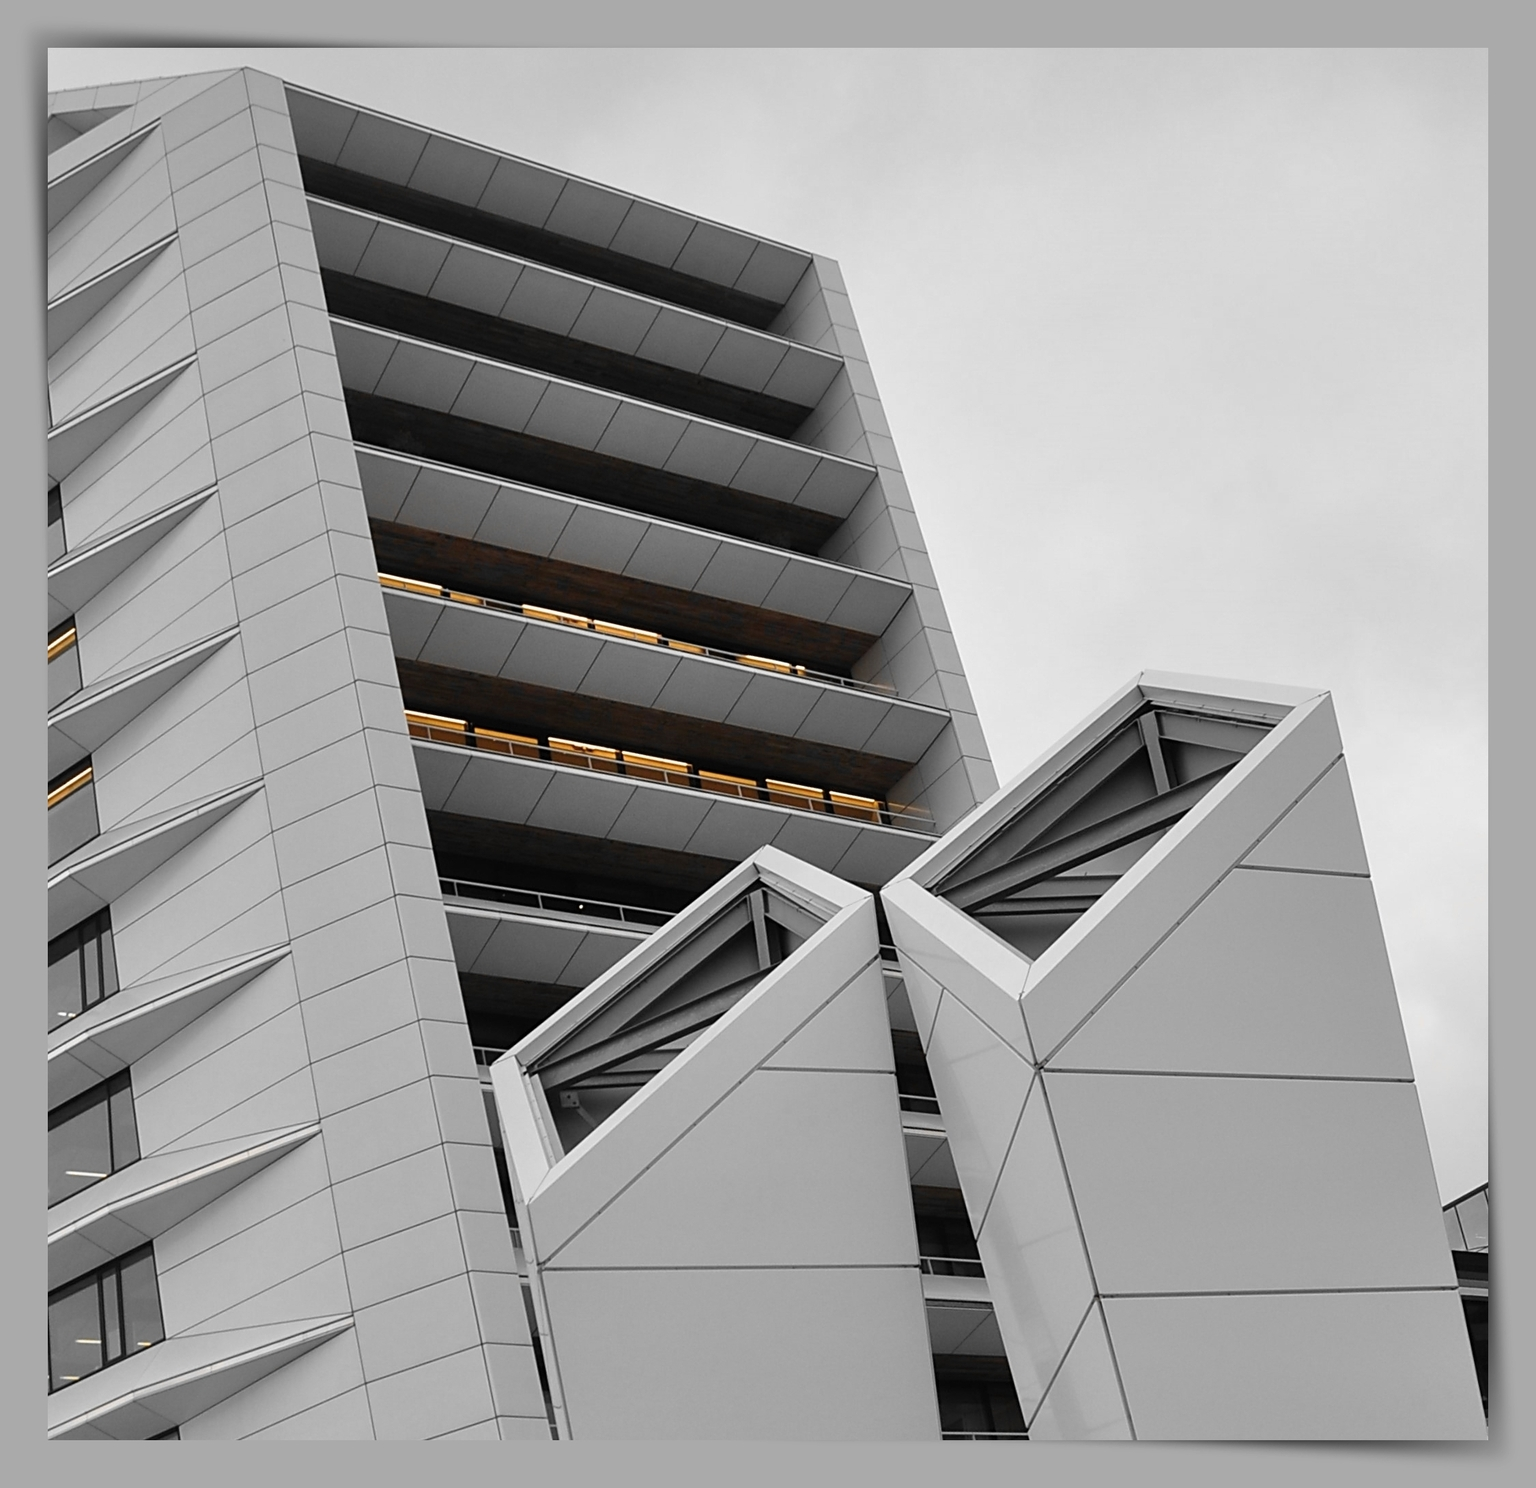 Architectuur - Amsterdam  - Veilig een rondje fietsen tijdens de Corona kan geen kwaad . .   Nieuwbouw in de Houthavenkade . .       Weer bedankt voor de mooie reac - foto door 1103 op 15-04-2021 - locatie: Amsterdam, Nederland - deze foto bevat: architectuur - lucht, kokers, gebouw, rechthoek, torenblok, stedelijk ontwerp, condominium, samengesteld materiaal, facade, commercieel gebouw, toren, armatuur